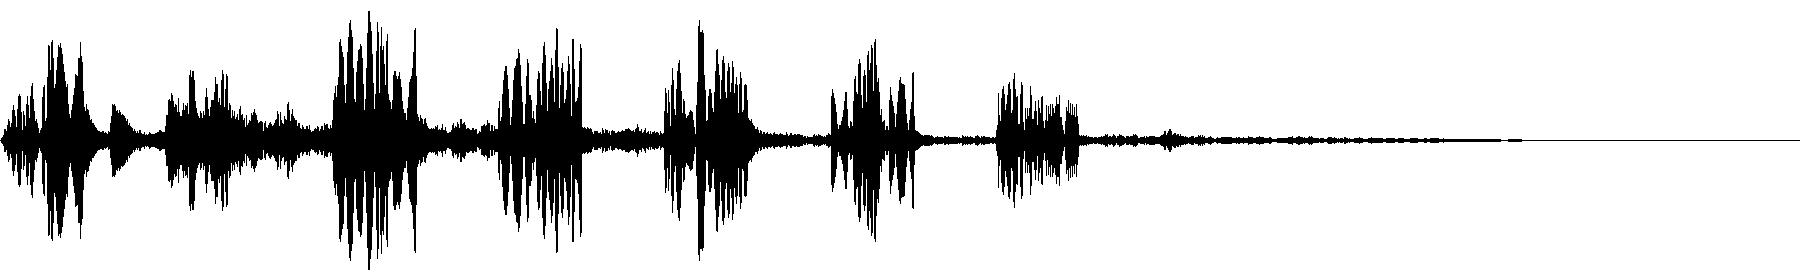 bluezone xworld sound 085